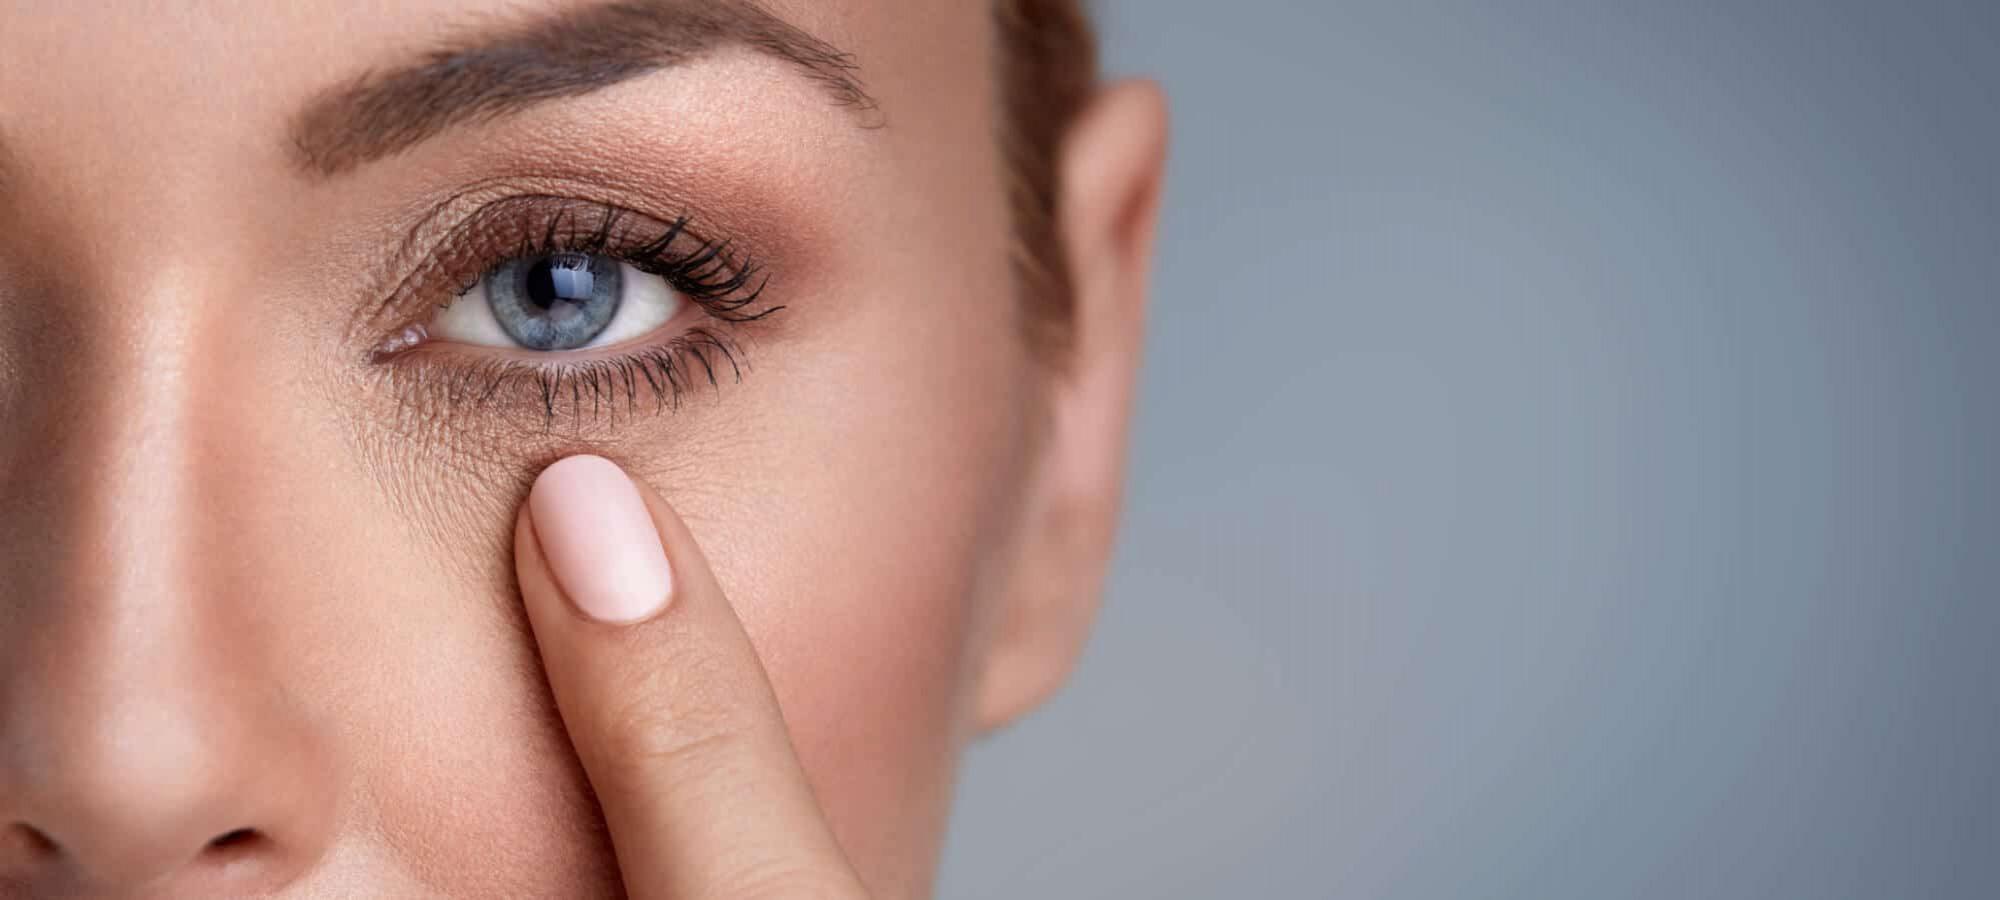 Radiage zur Hautverjüngung im Gesicht   groisman & laube